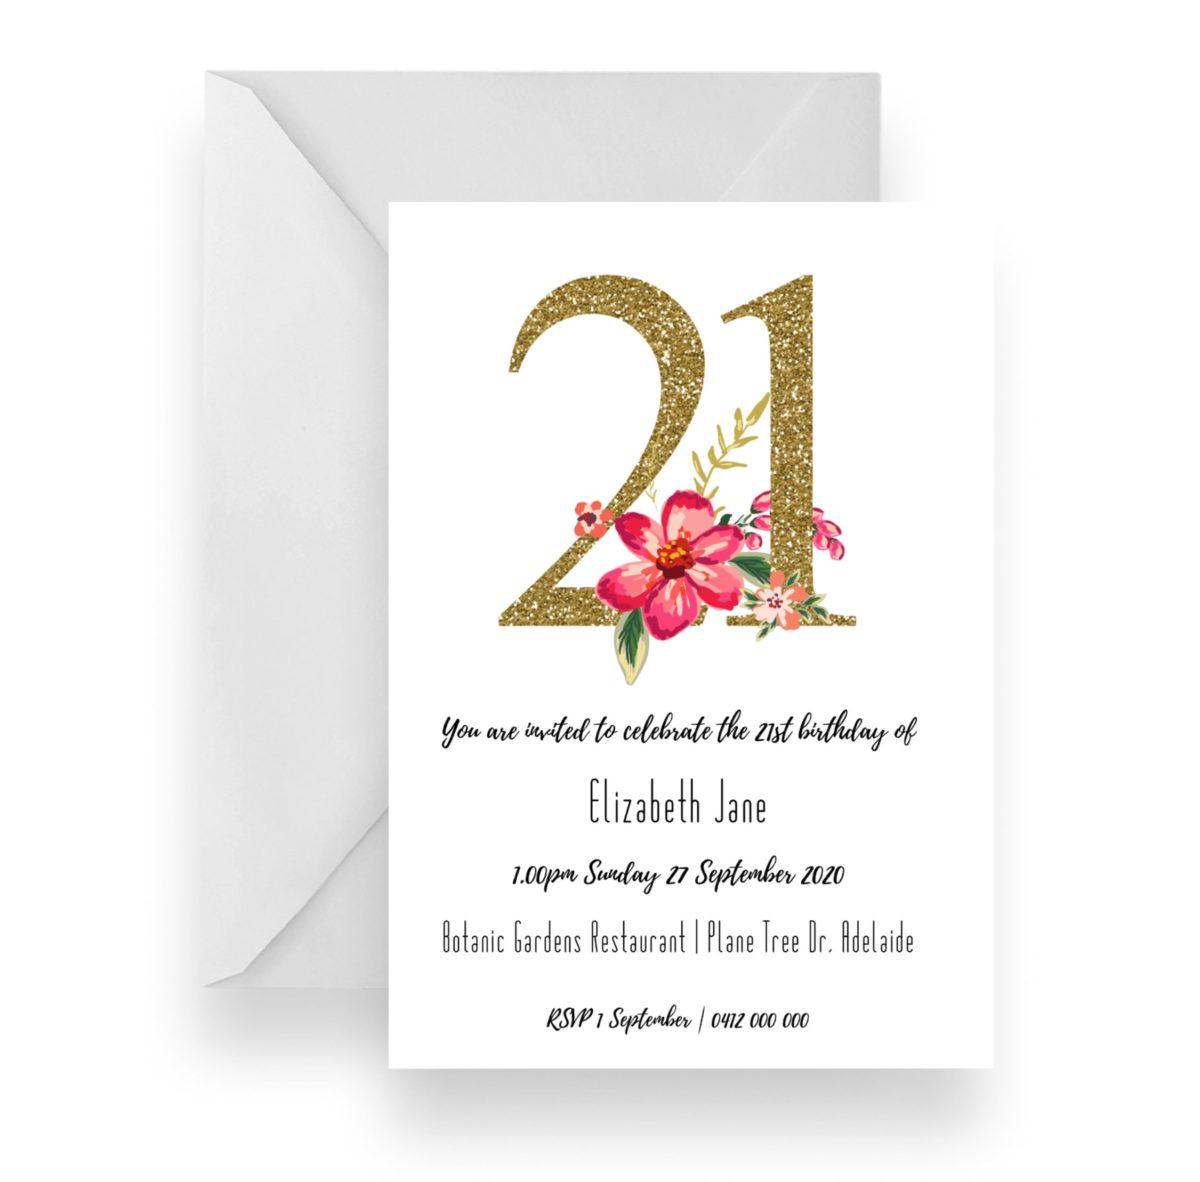 057 Elizabeth Jane 21 Floral Number